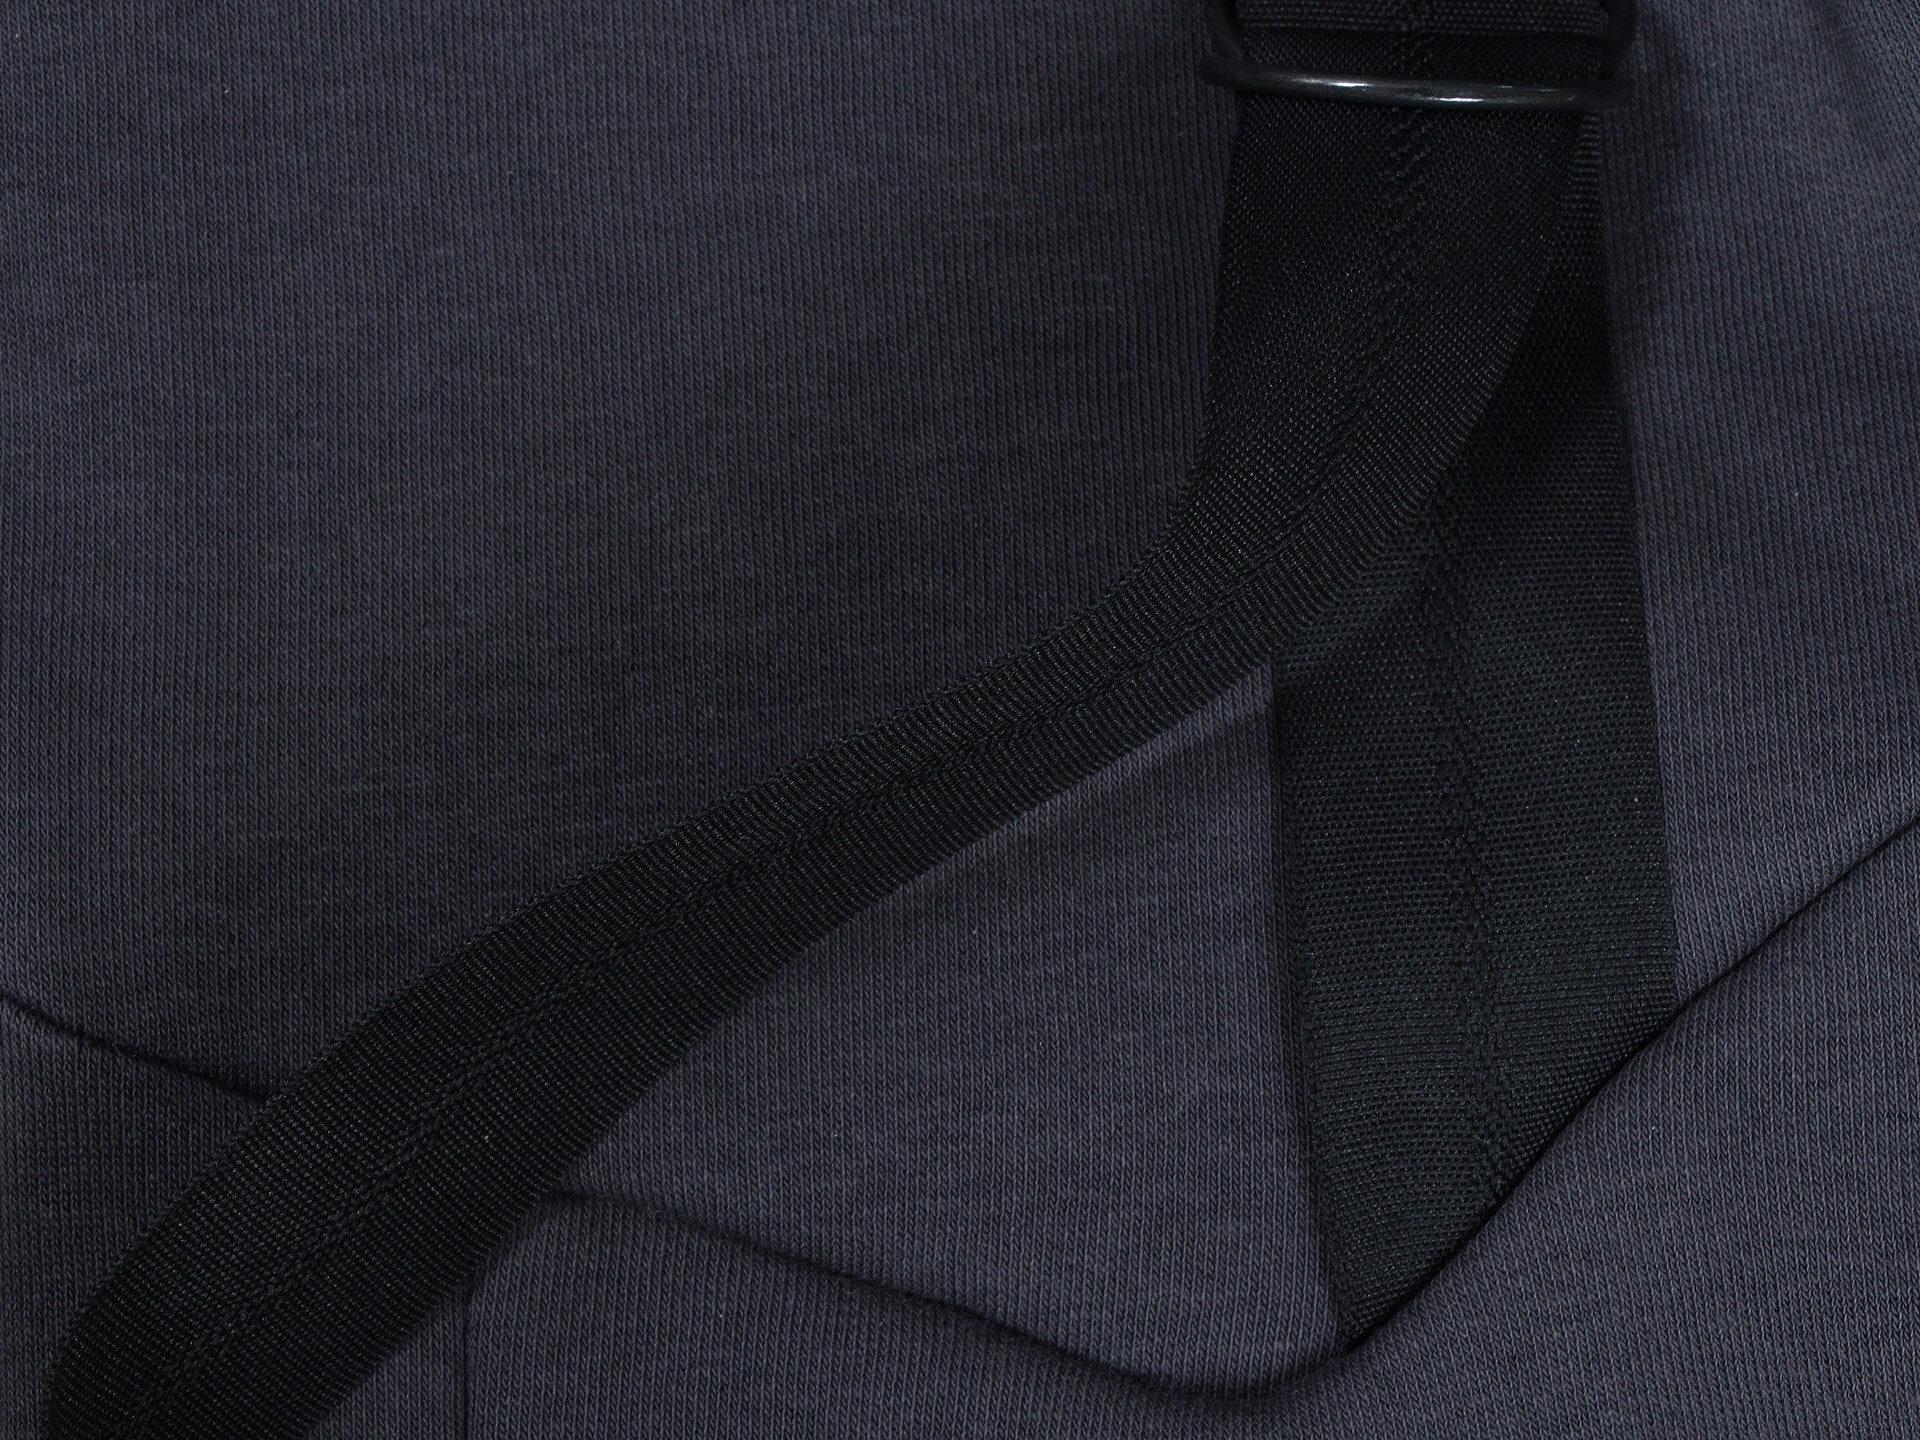 Комбинезон O-strip